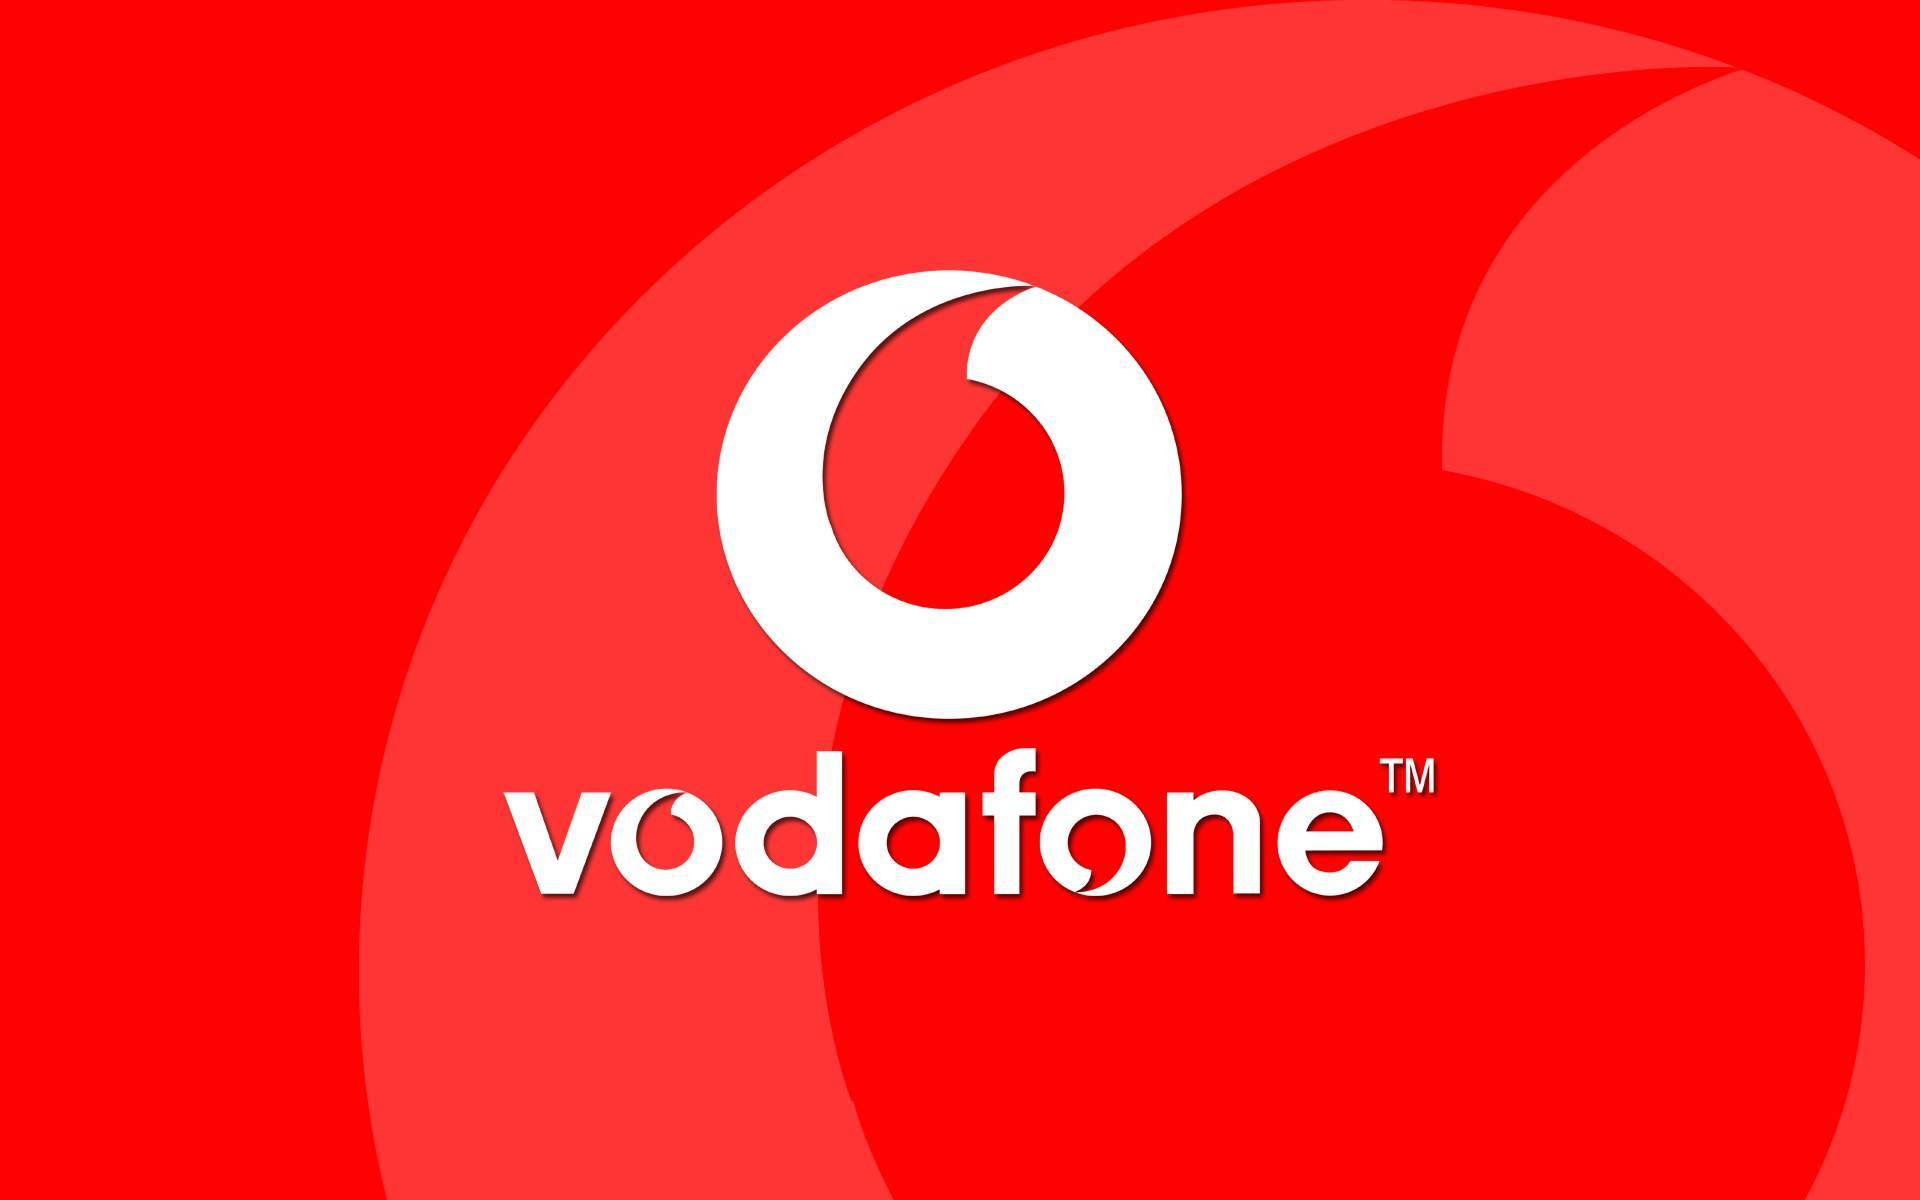 Vodafone Craciunul vine cu Aceste REDUCERI foarte BUNE la Telefoane in Romania